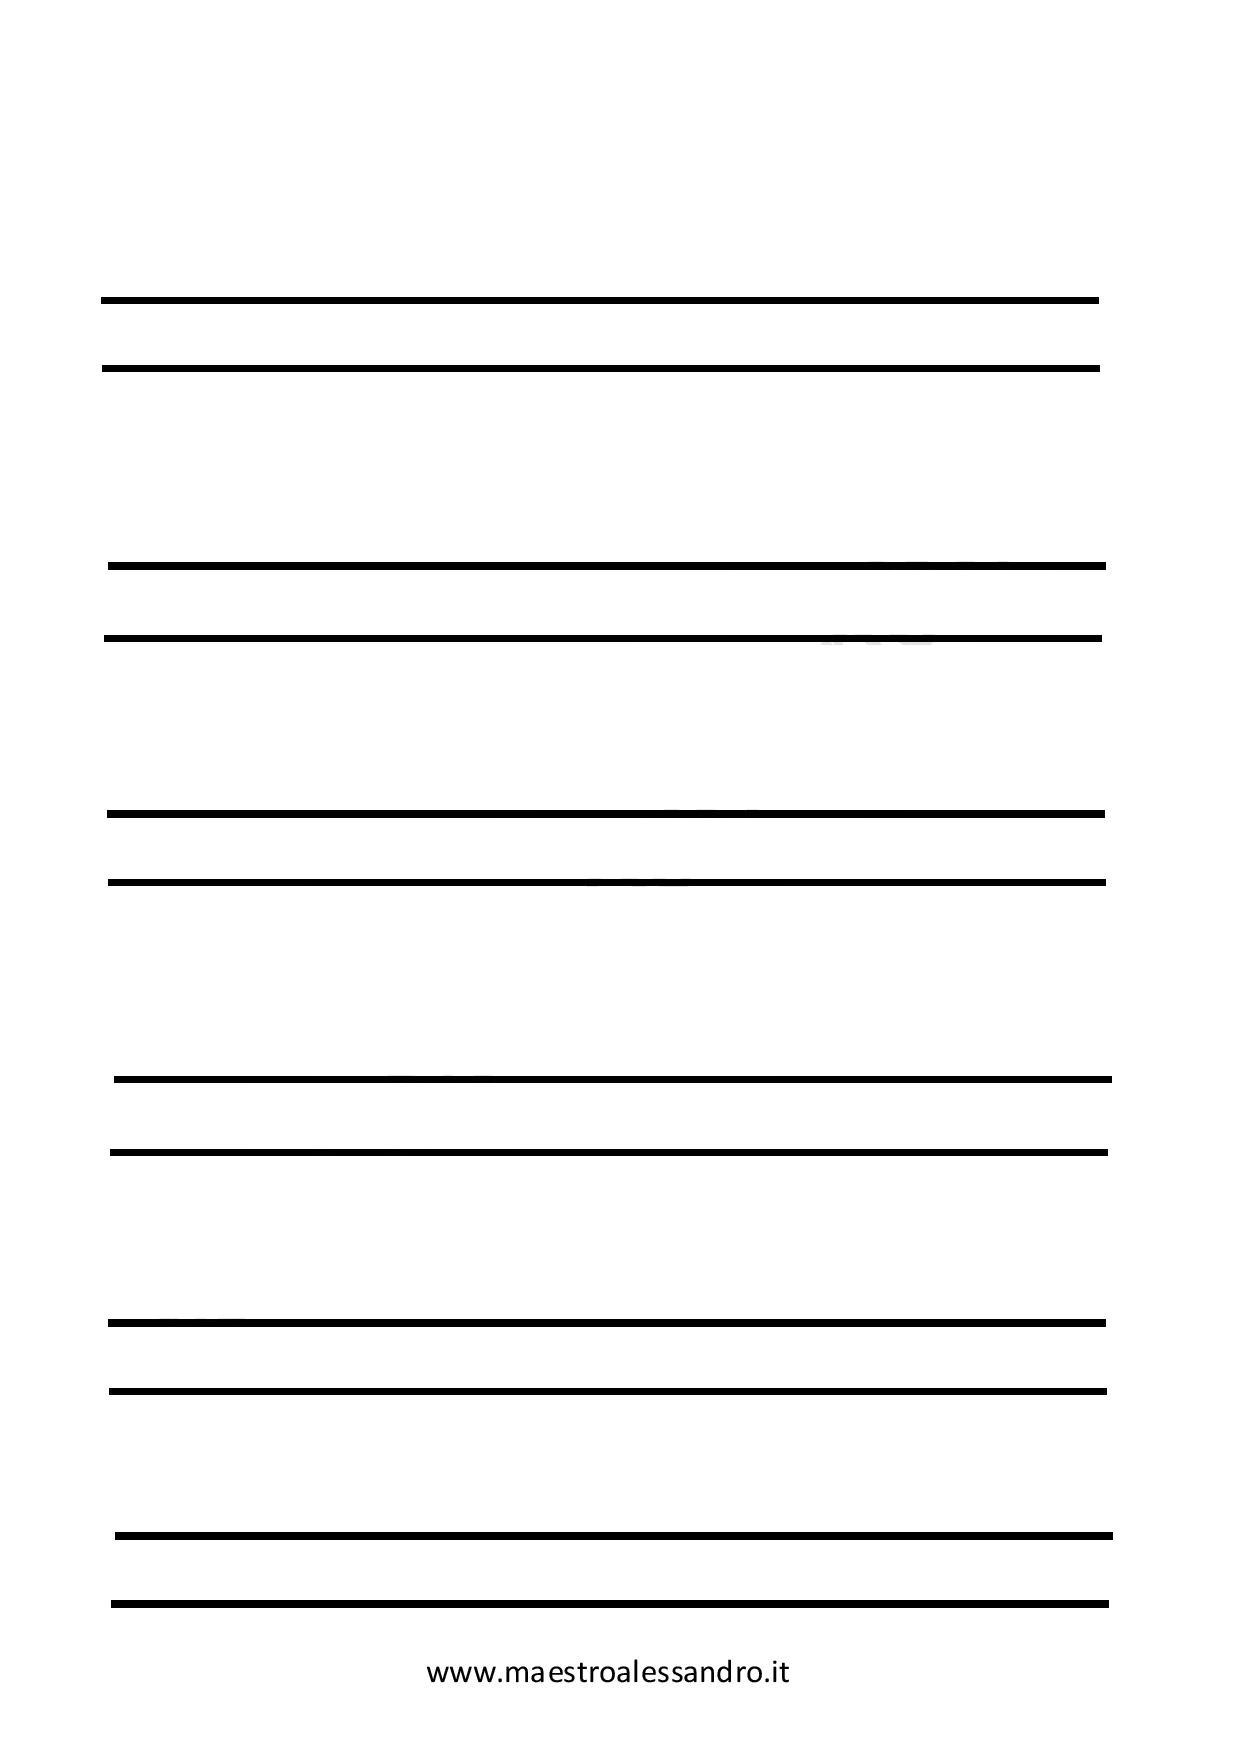 bigramma-maestro-alessandro-page-001